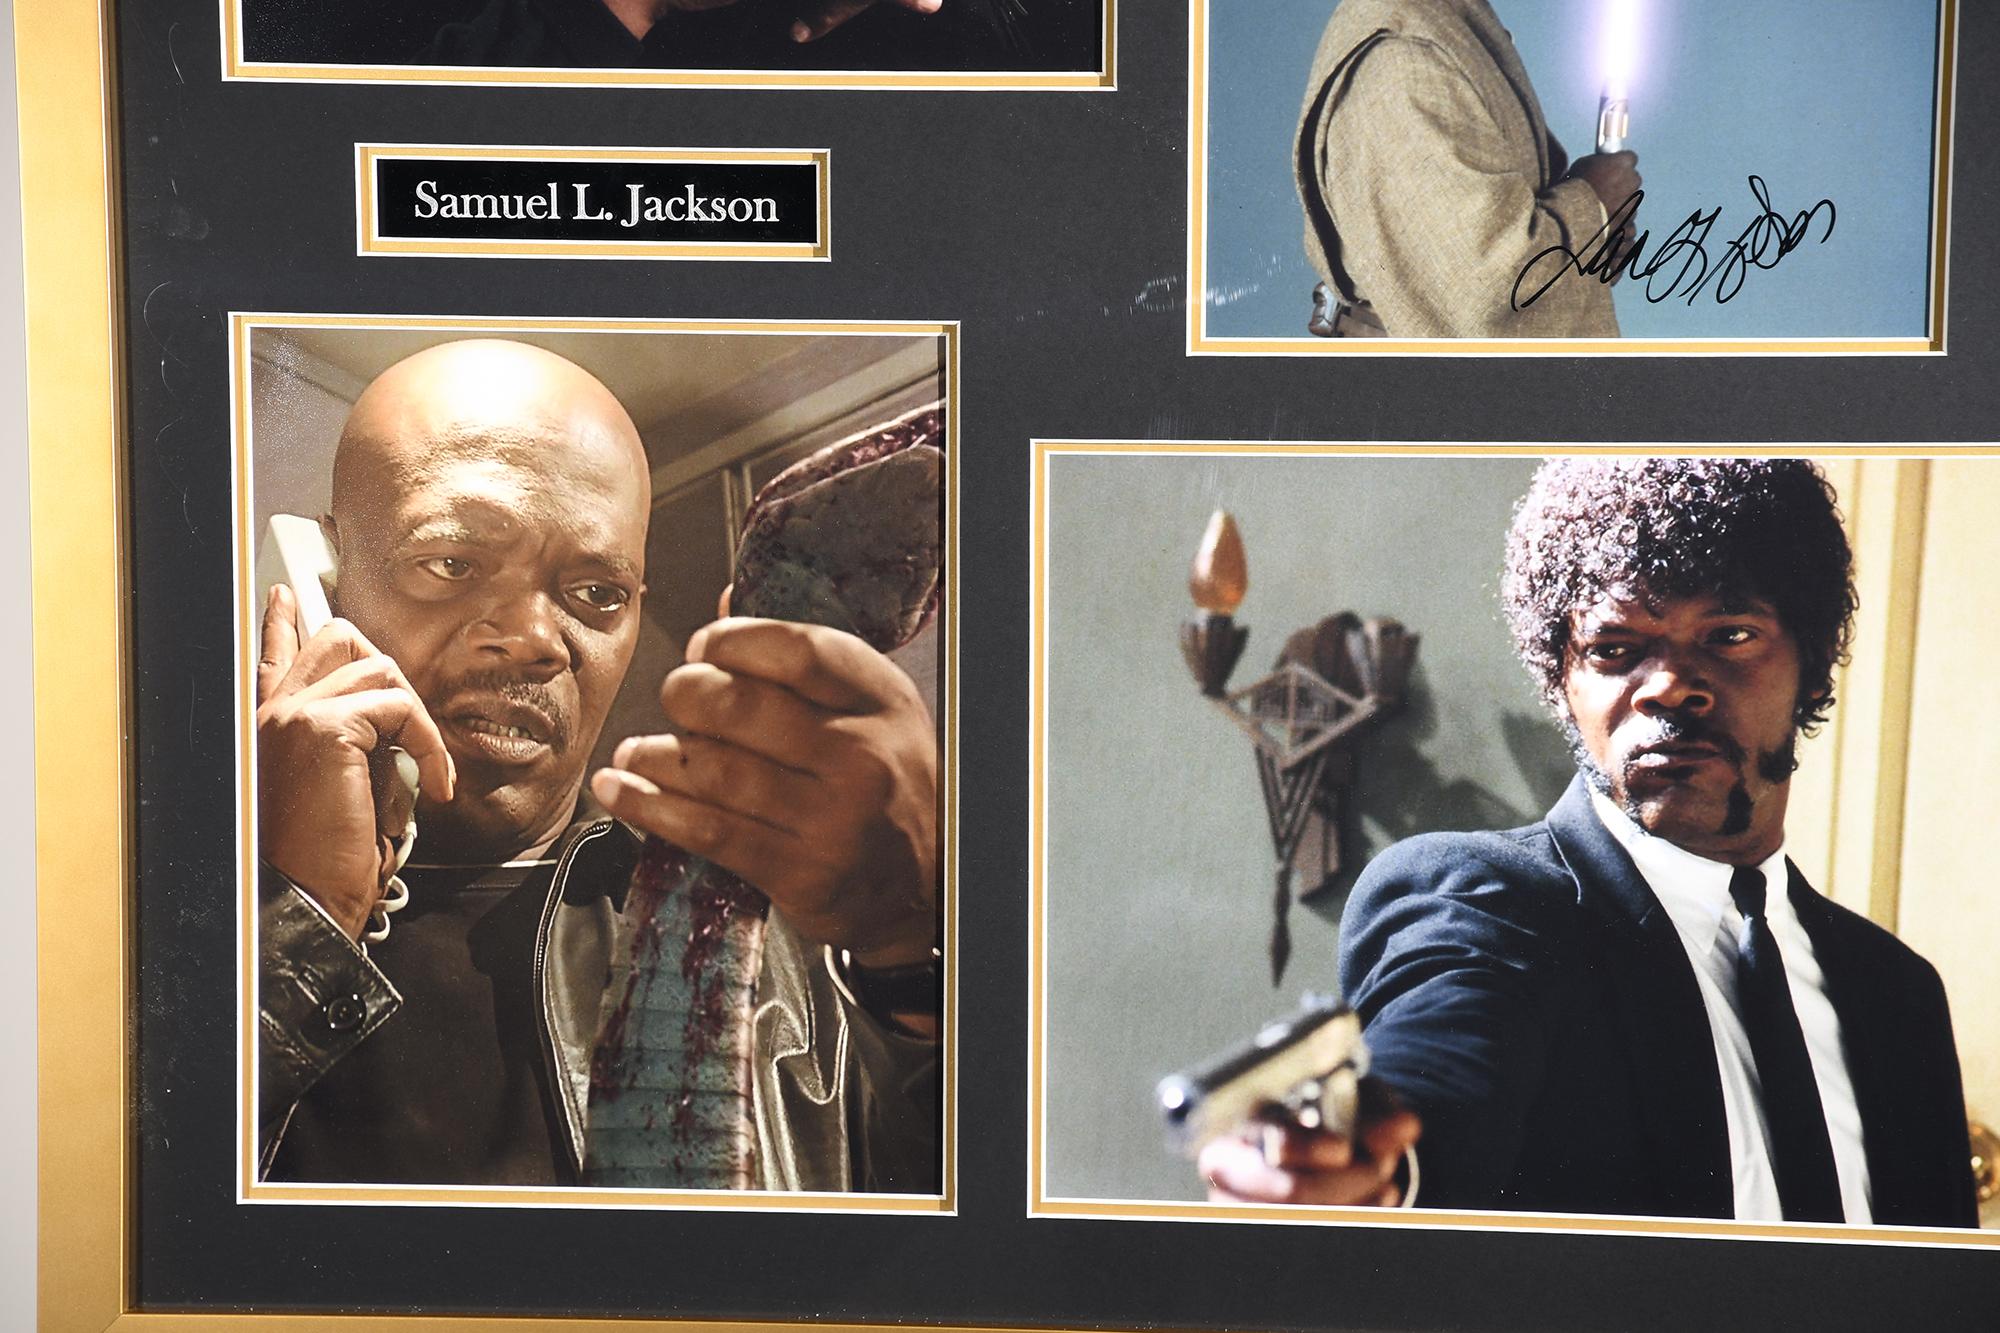 Samuel L Jackson Framed Signature Presentation - Image 3 of 4